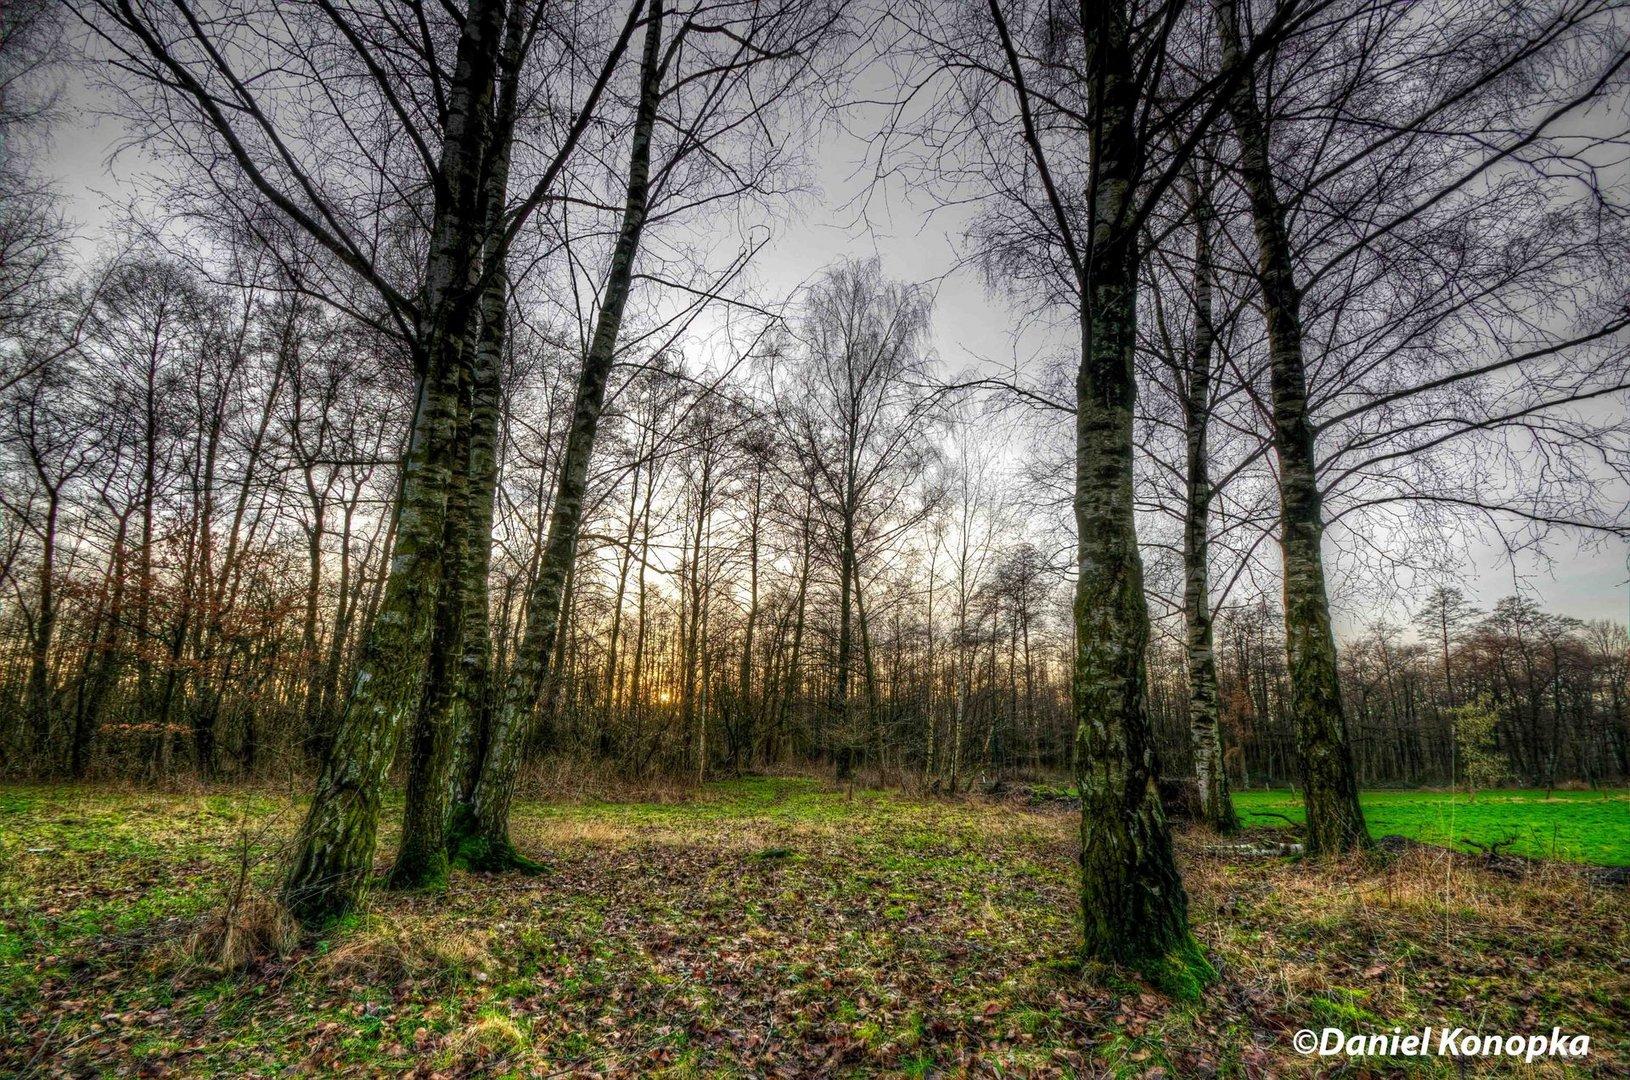 HDR - Sonnenuntergang im Wald